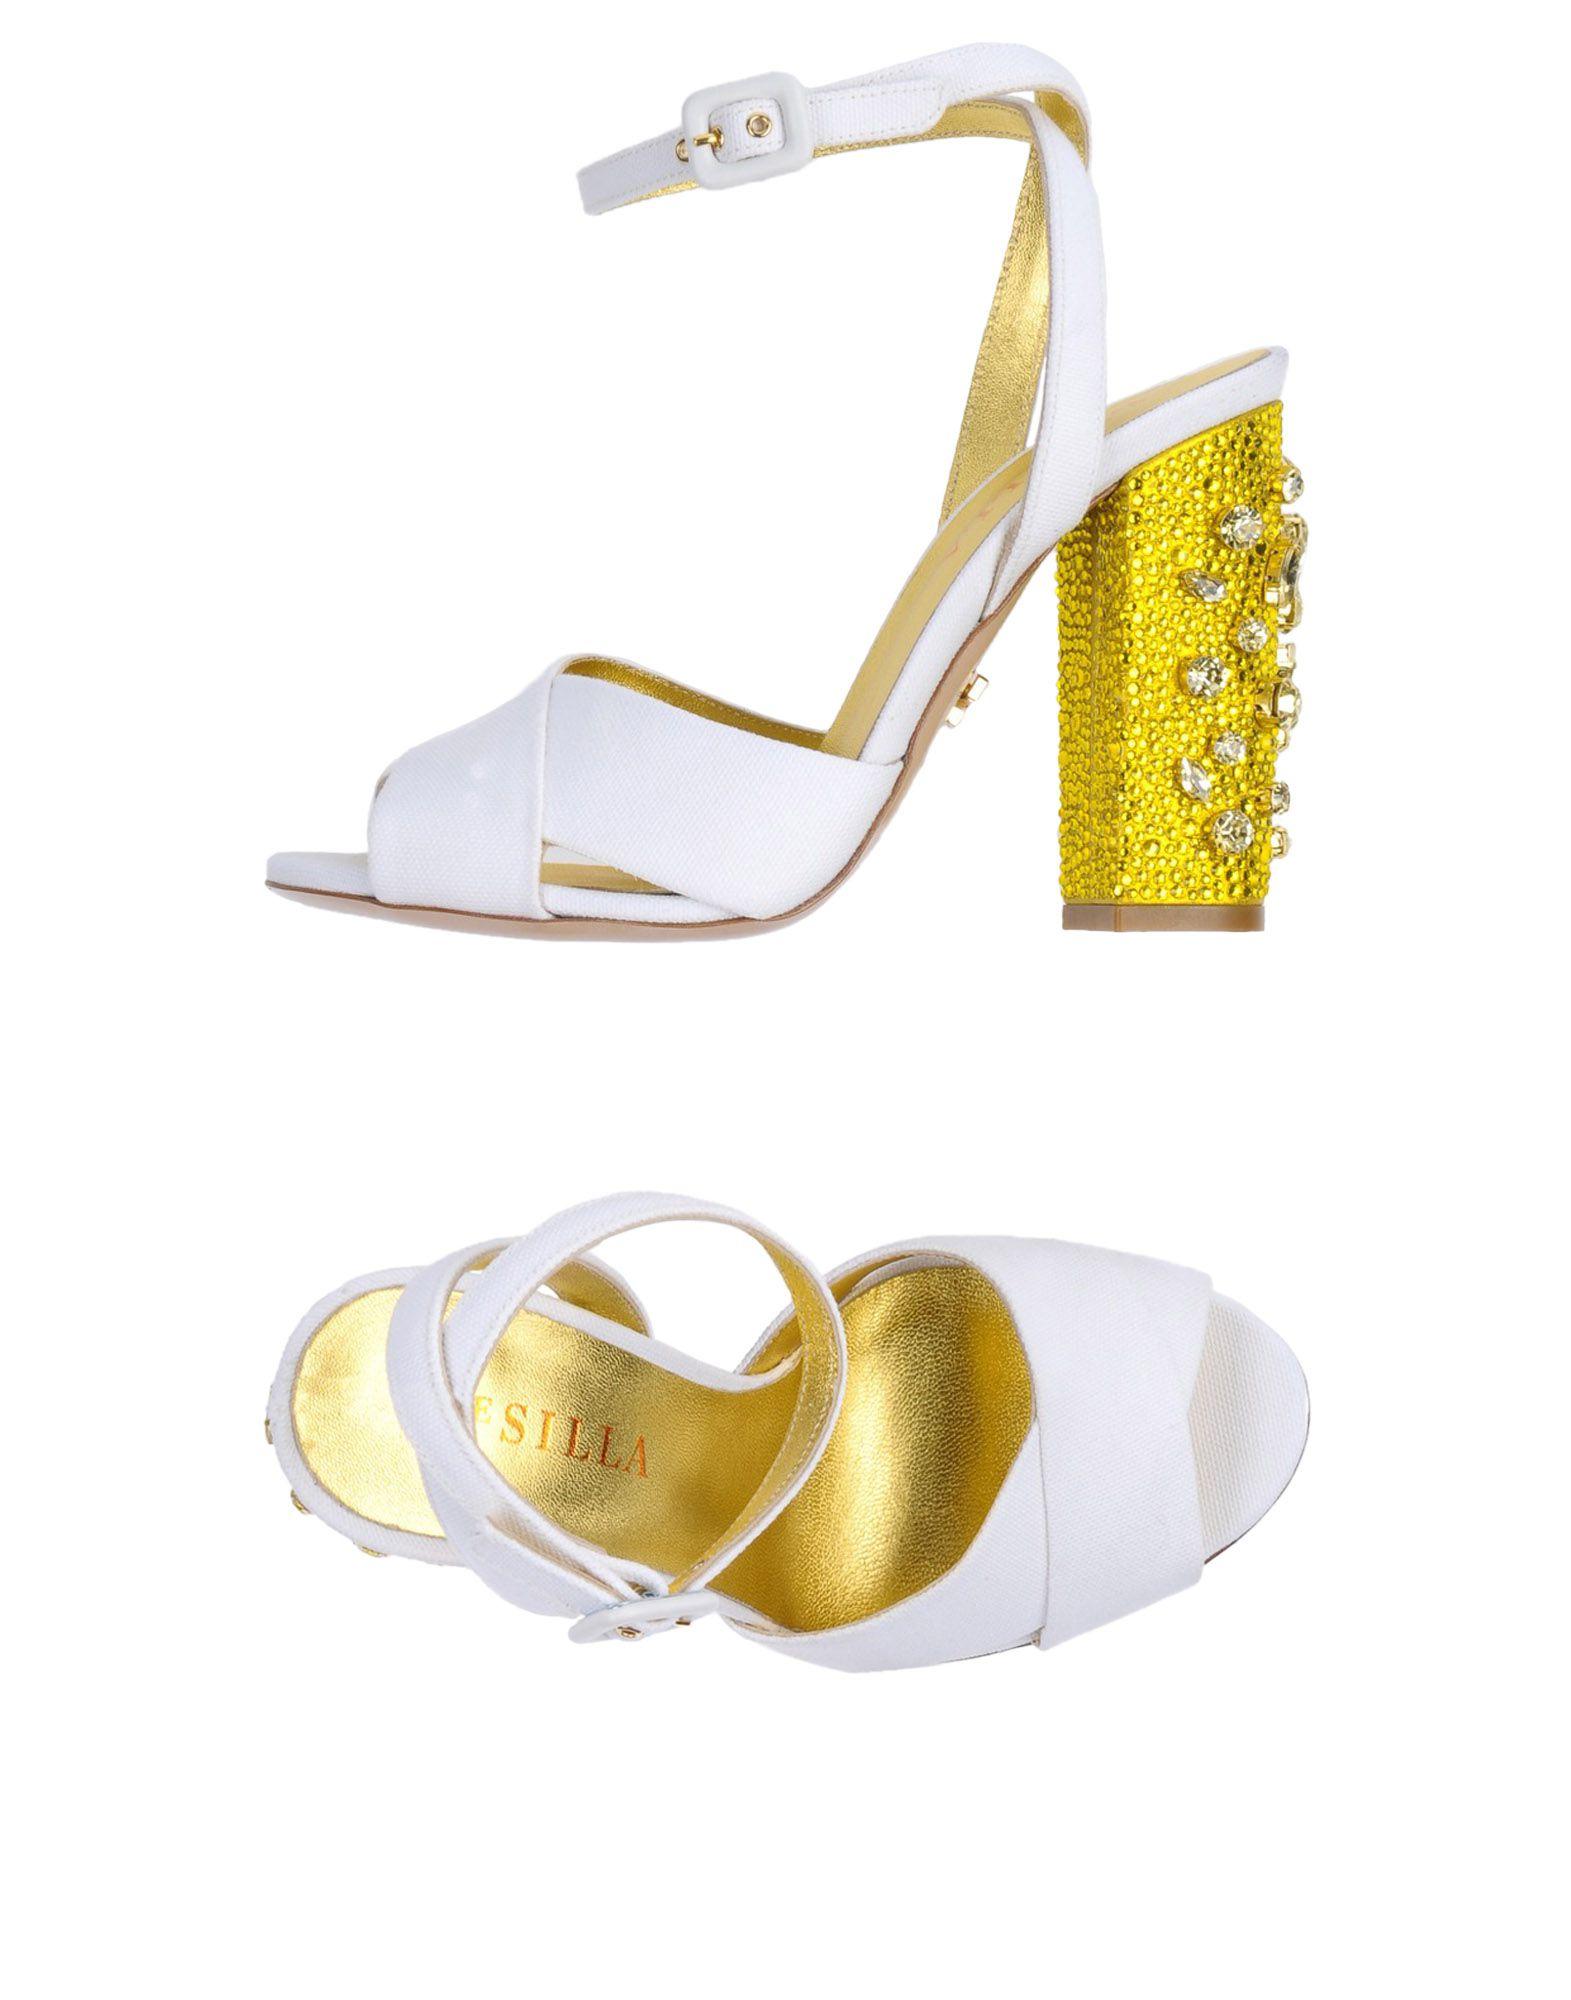 Le Silla Sandalen Damen Damen Damen  11409999XA Beliebte Schuhe 6928fa